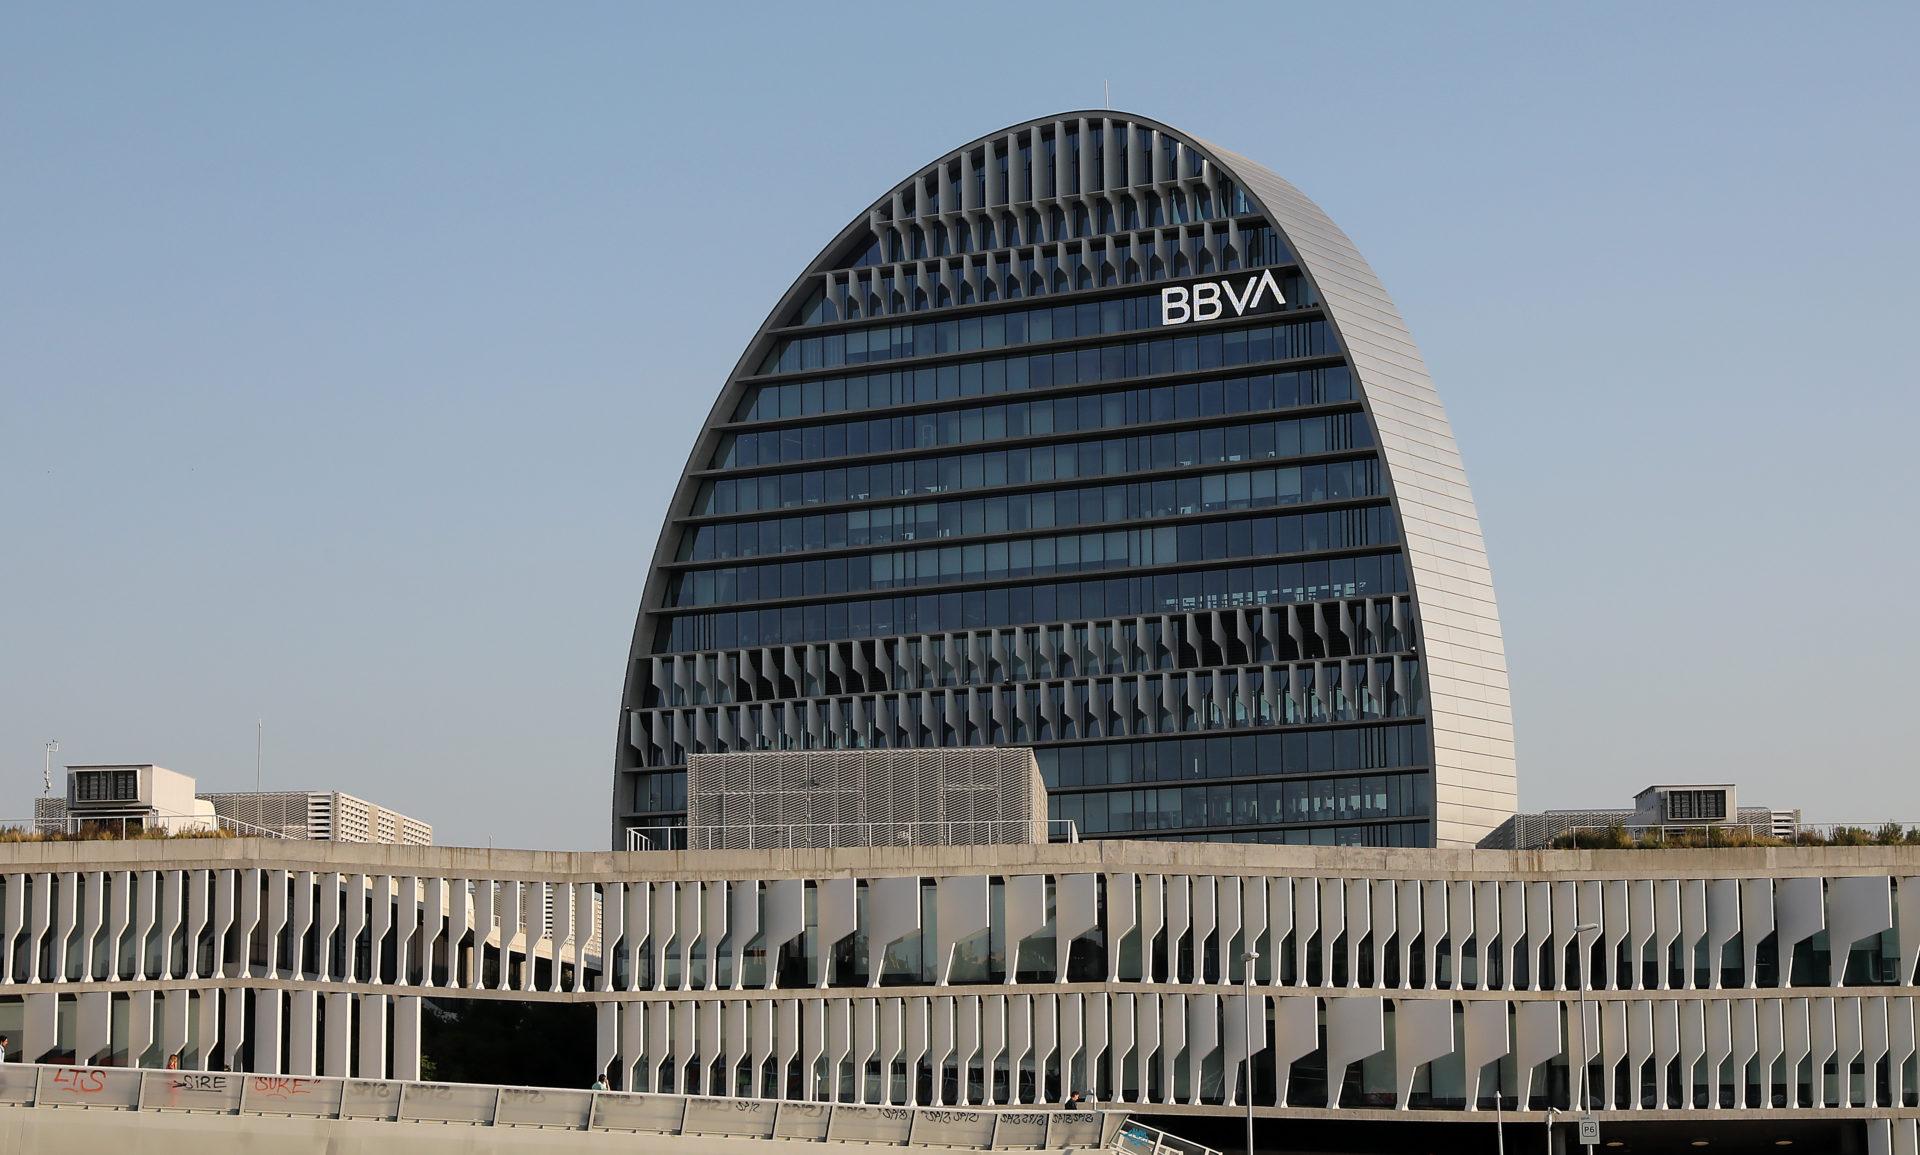 BBVA edificio La Vela en Madrid